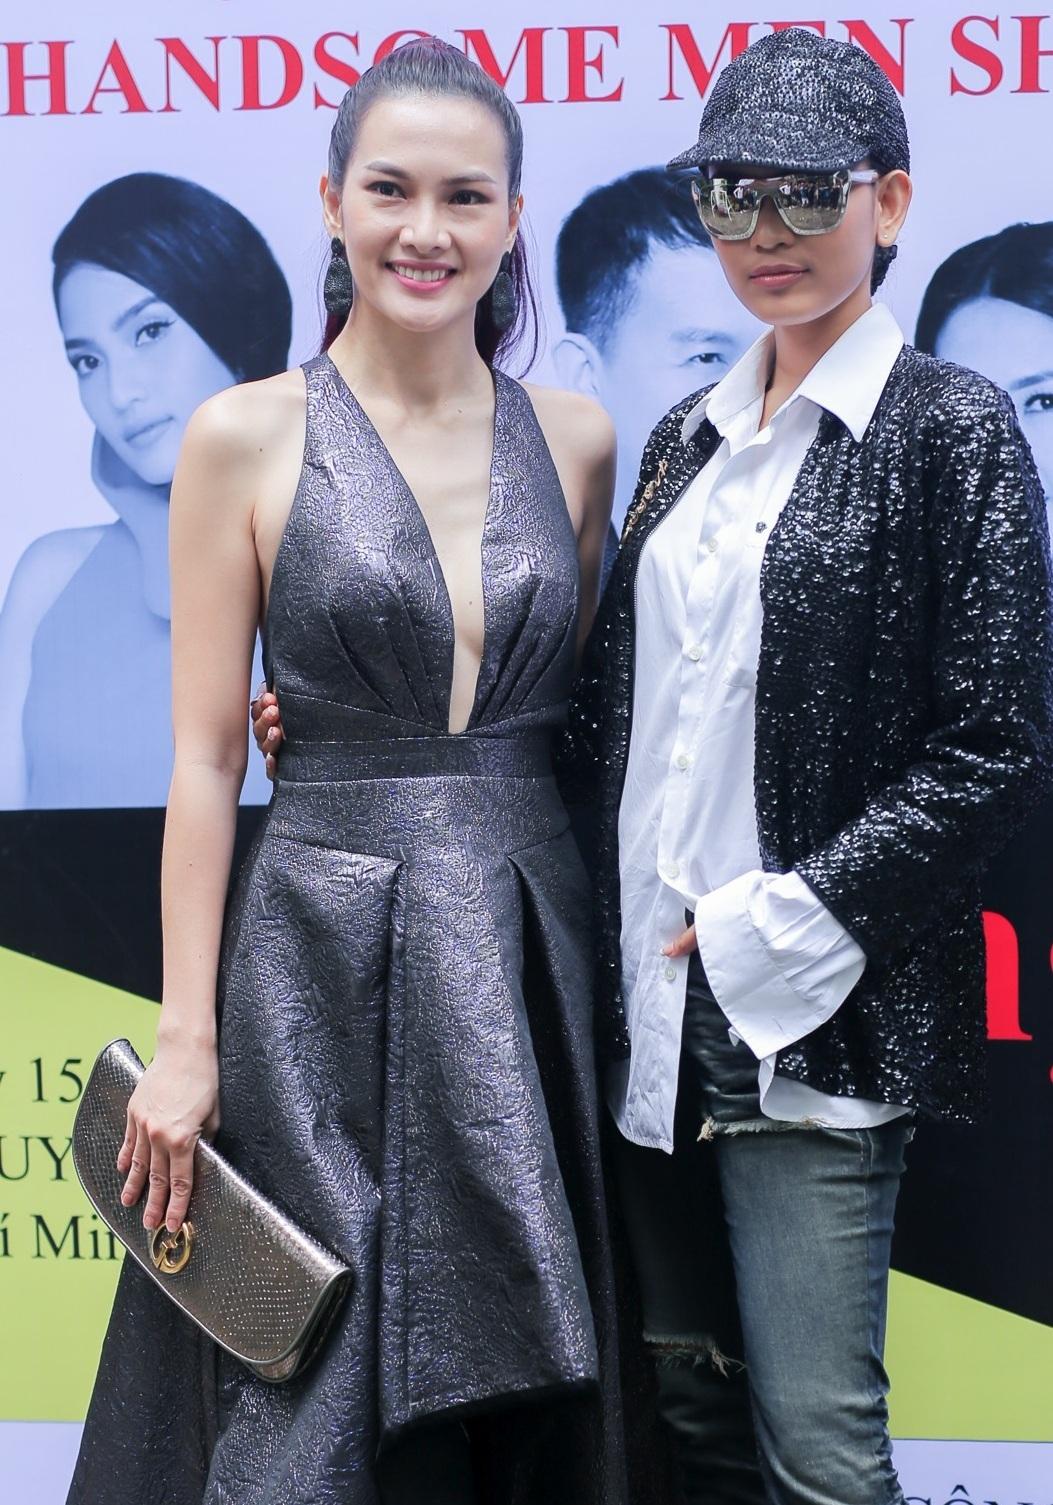 Ngược lại với phong cách của Trương Thị May, diễn viên Anh Thư gợi cảm với bộ đầm xẻ ngực táo bạo.